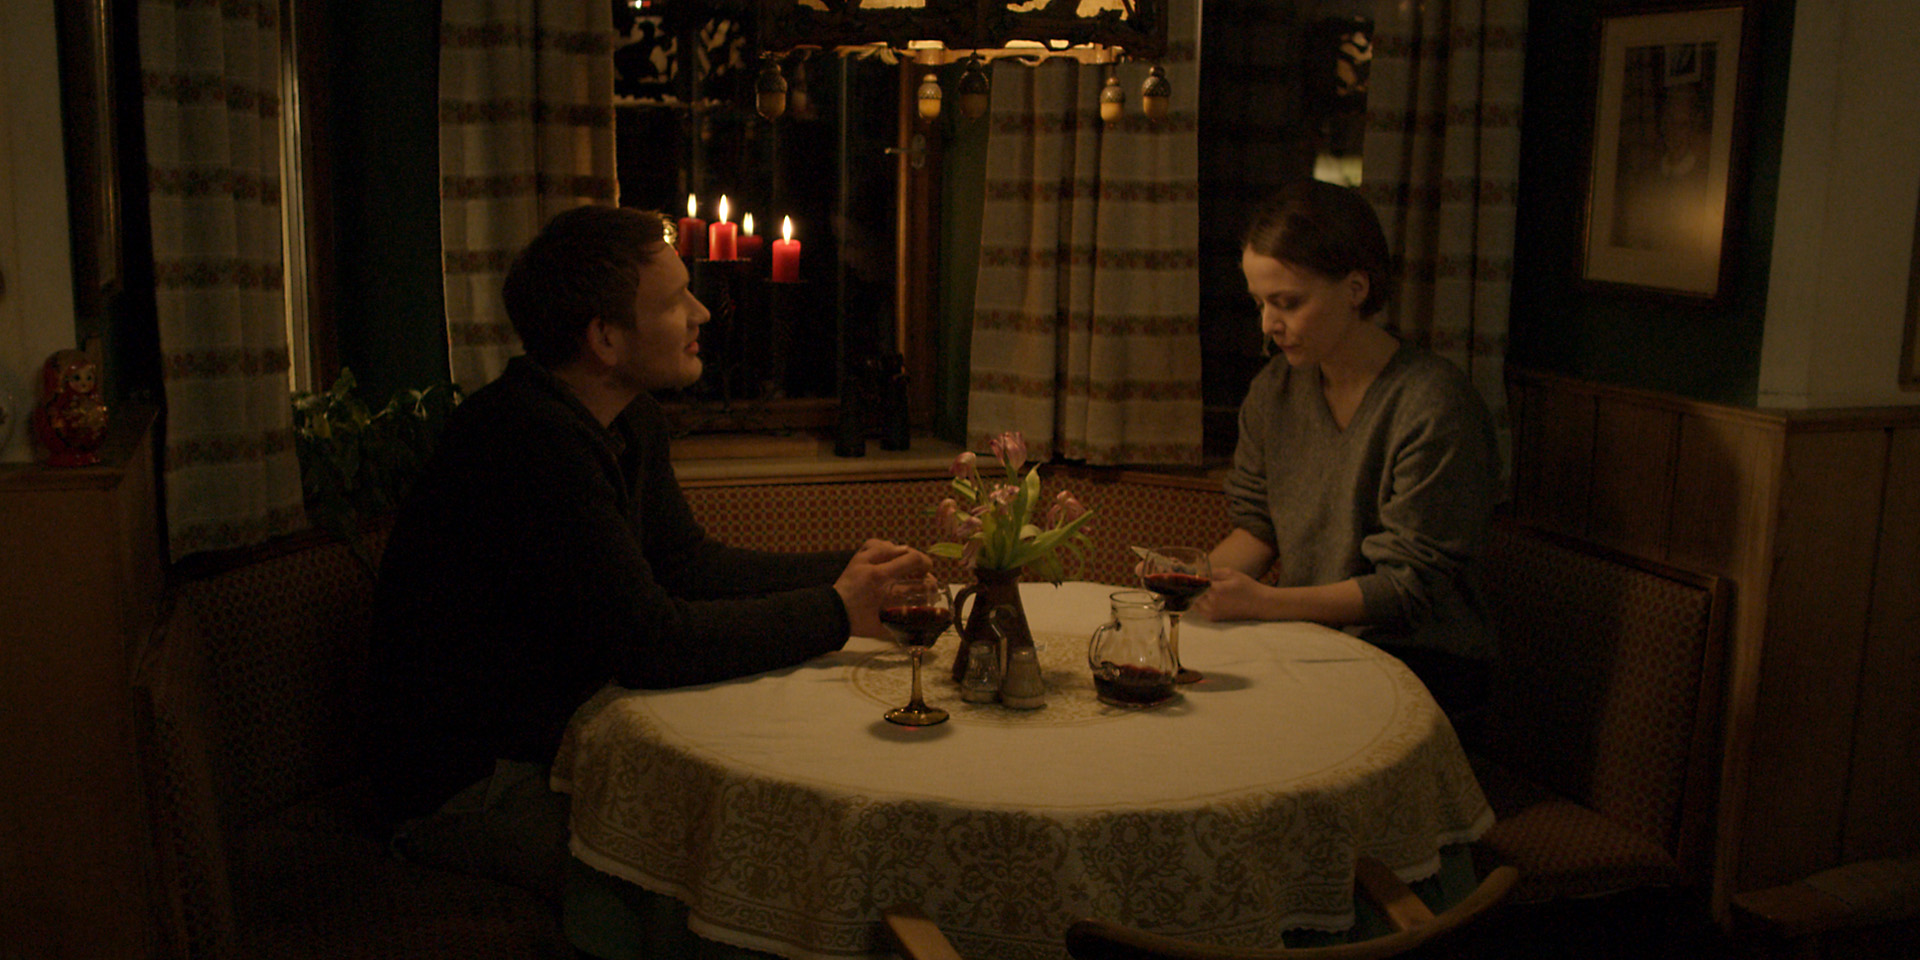 Friedenshöhe | Ein Film von Josephine Ehlert. Mit Josephine Ehlert & Adrian Spielbauer. Produziert von Firstgrade.